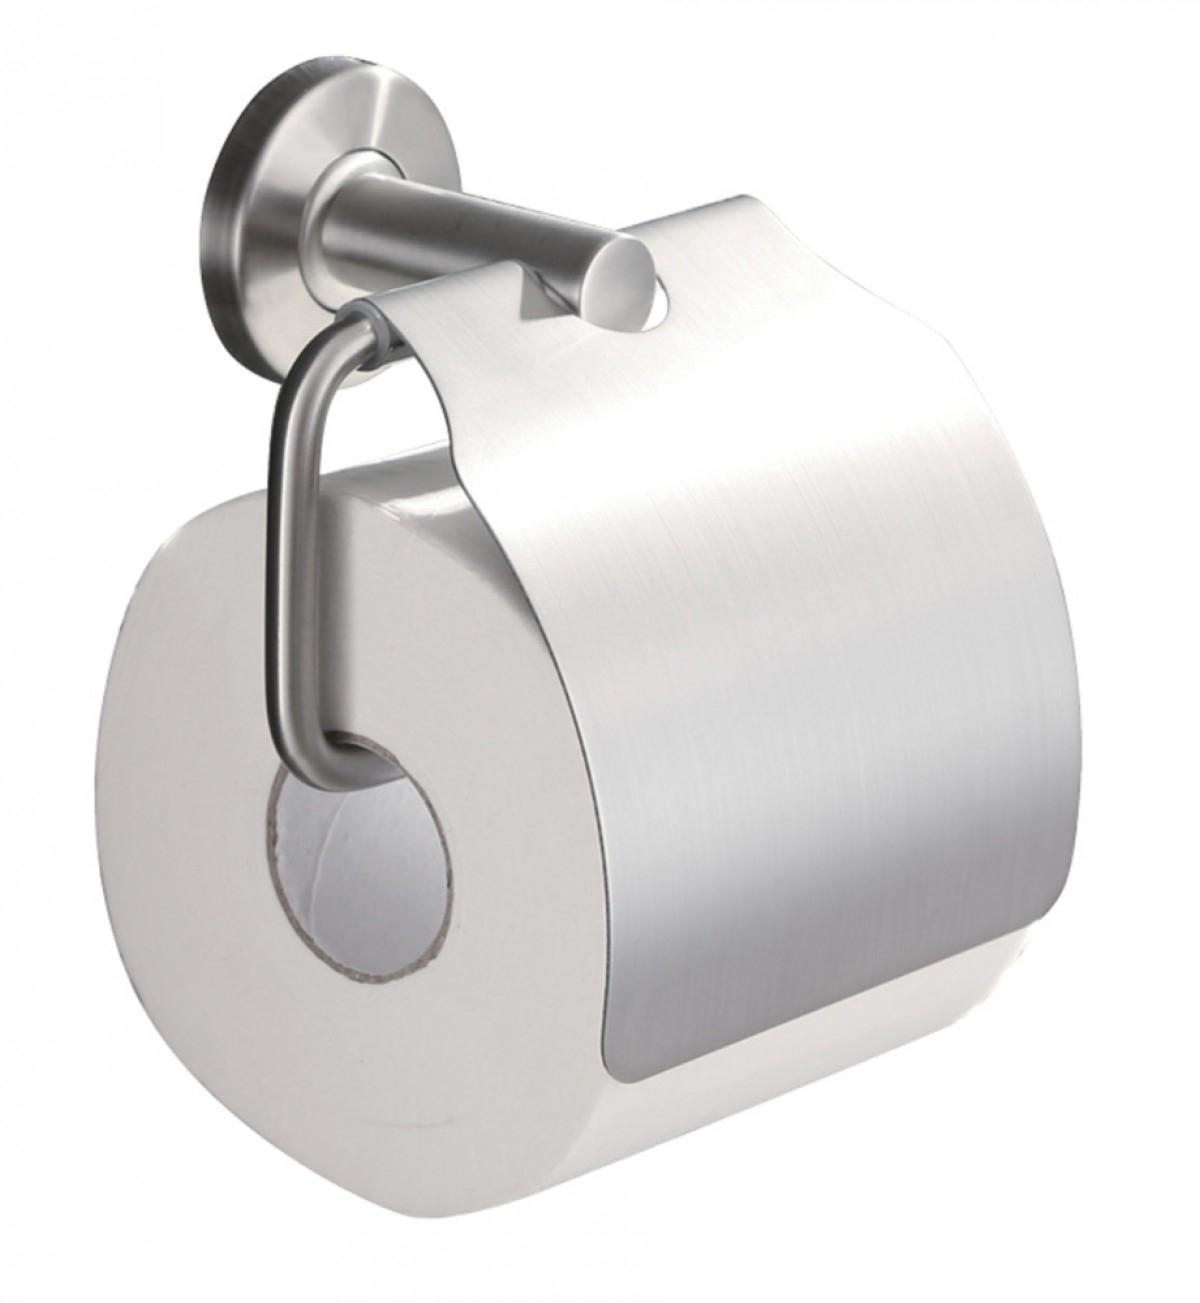 Sanifun toiletrolhouder Kayleigh RVS kopen met voordeel